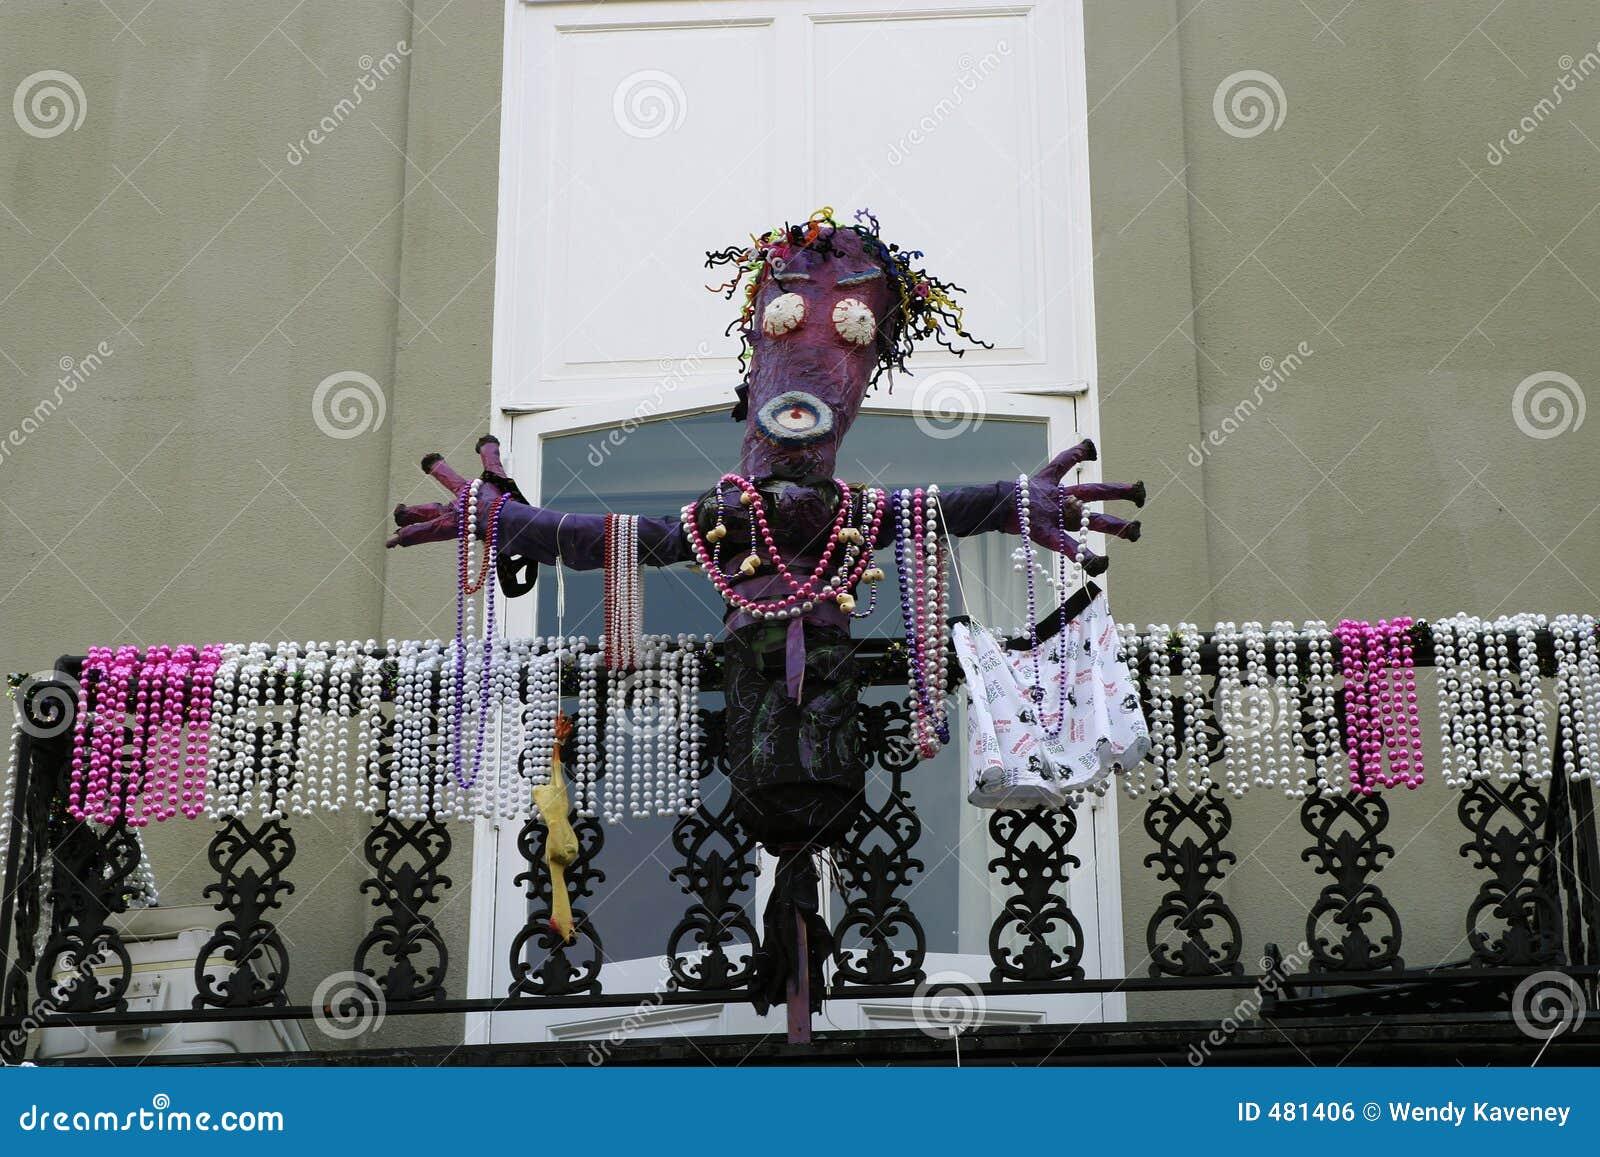 voodoo puppe und korne stockfoto bild von kost m orleans 481406. Black Bedroom Furniture Sets. Home Design Ideas